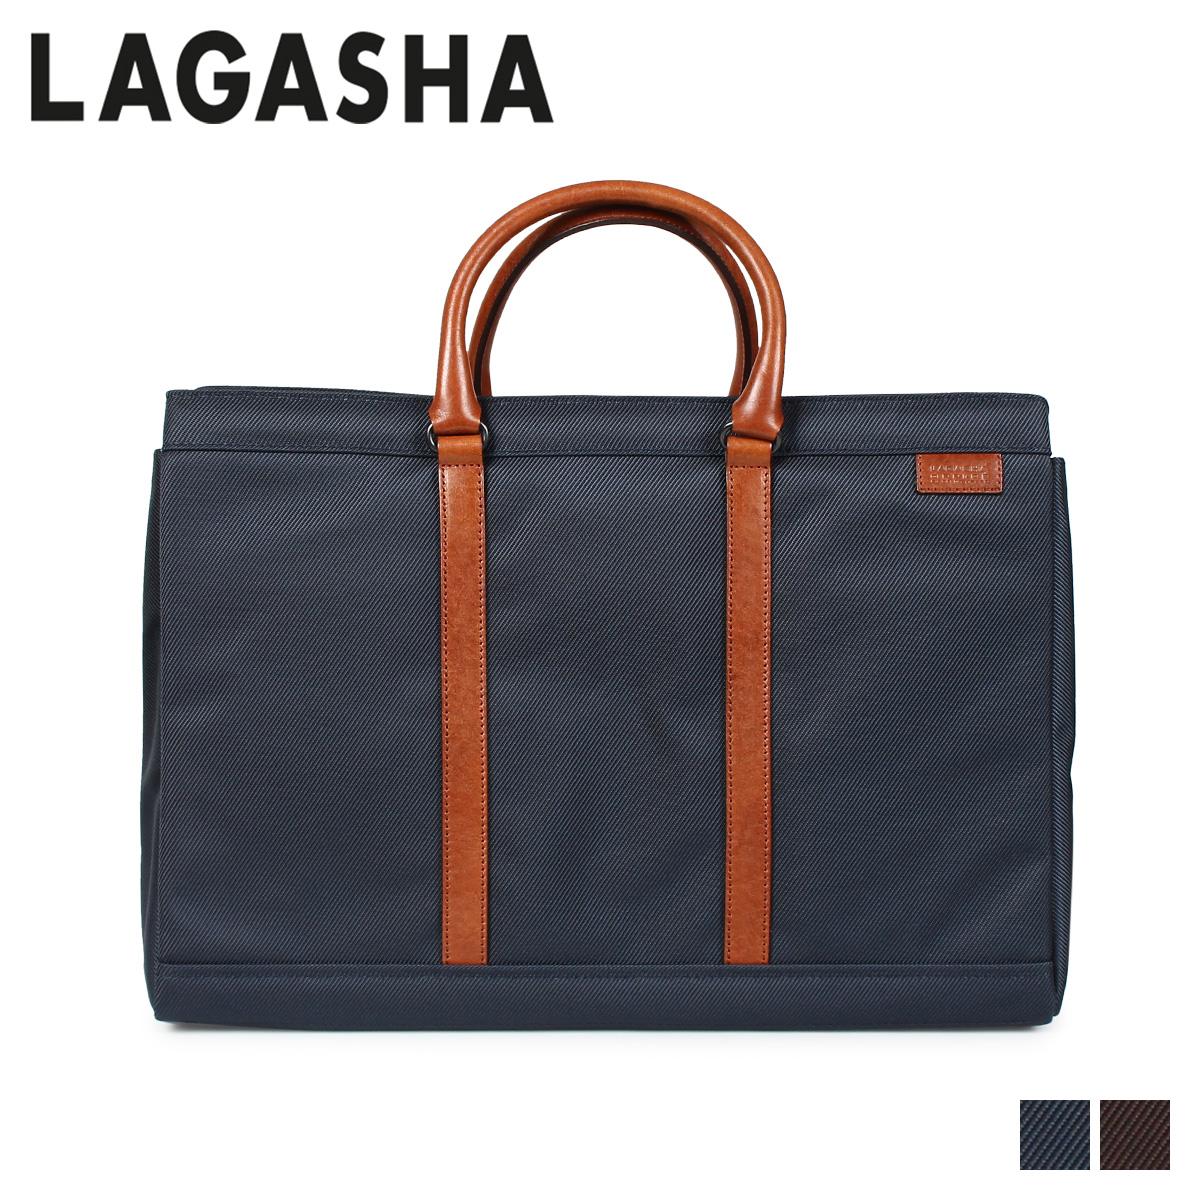 LAGASHA MOVE ラガシャ ムーヴ バッグ ビジネスバッグ ブリーフケース メンズ ネイビー ブラウン 7145 [11/25 新入荷]